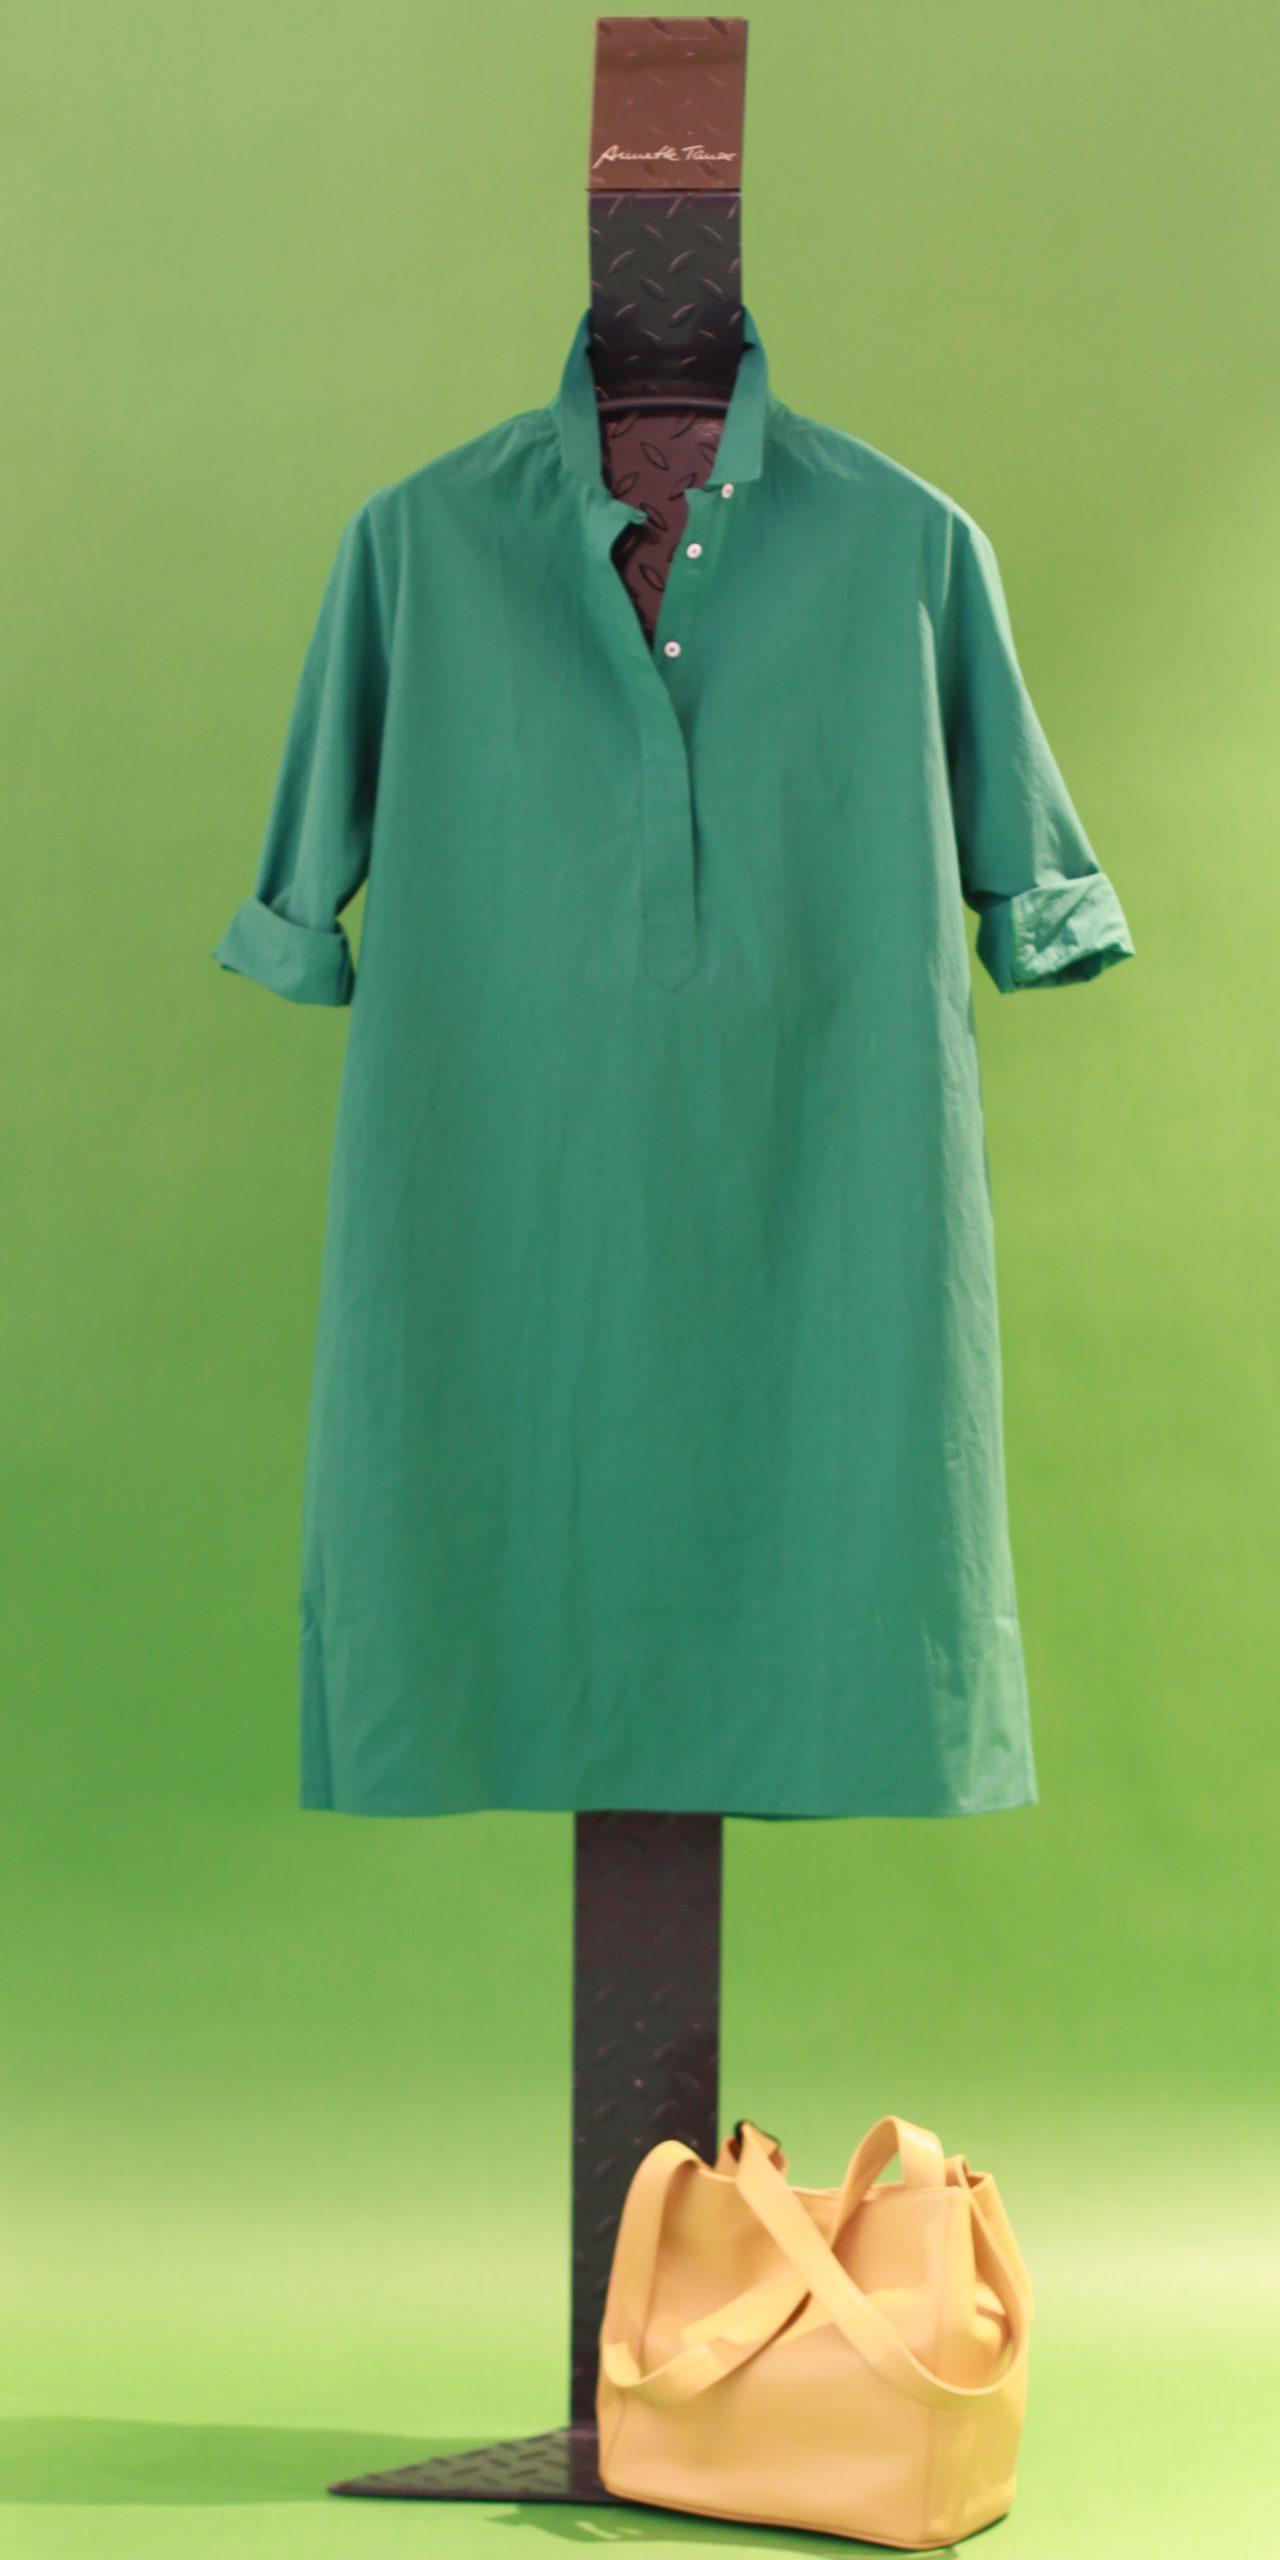 Hemdblusenkleid Baumwolle Rossana Diva